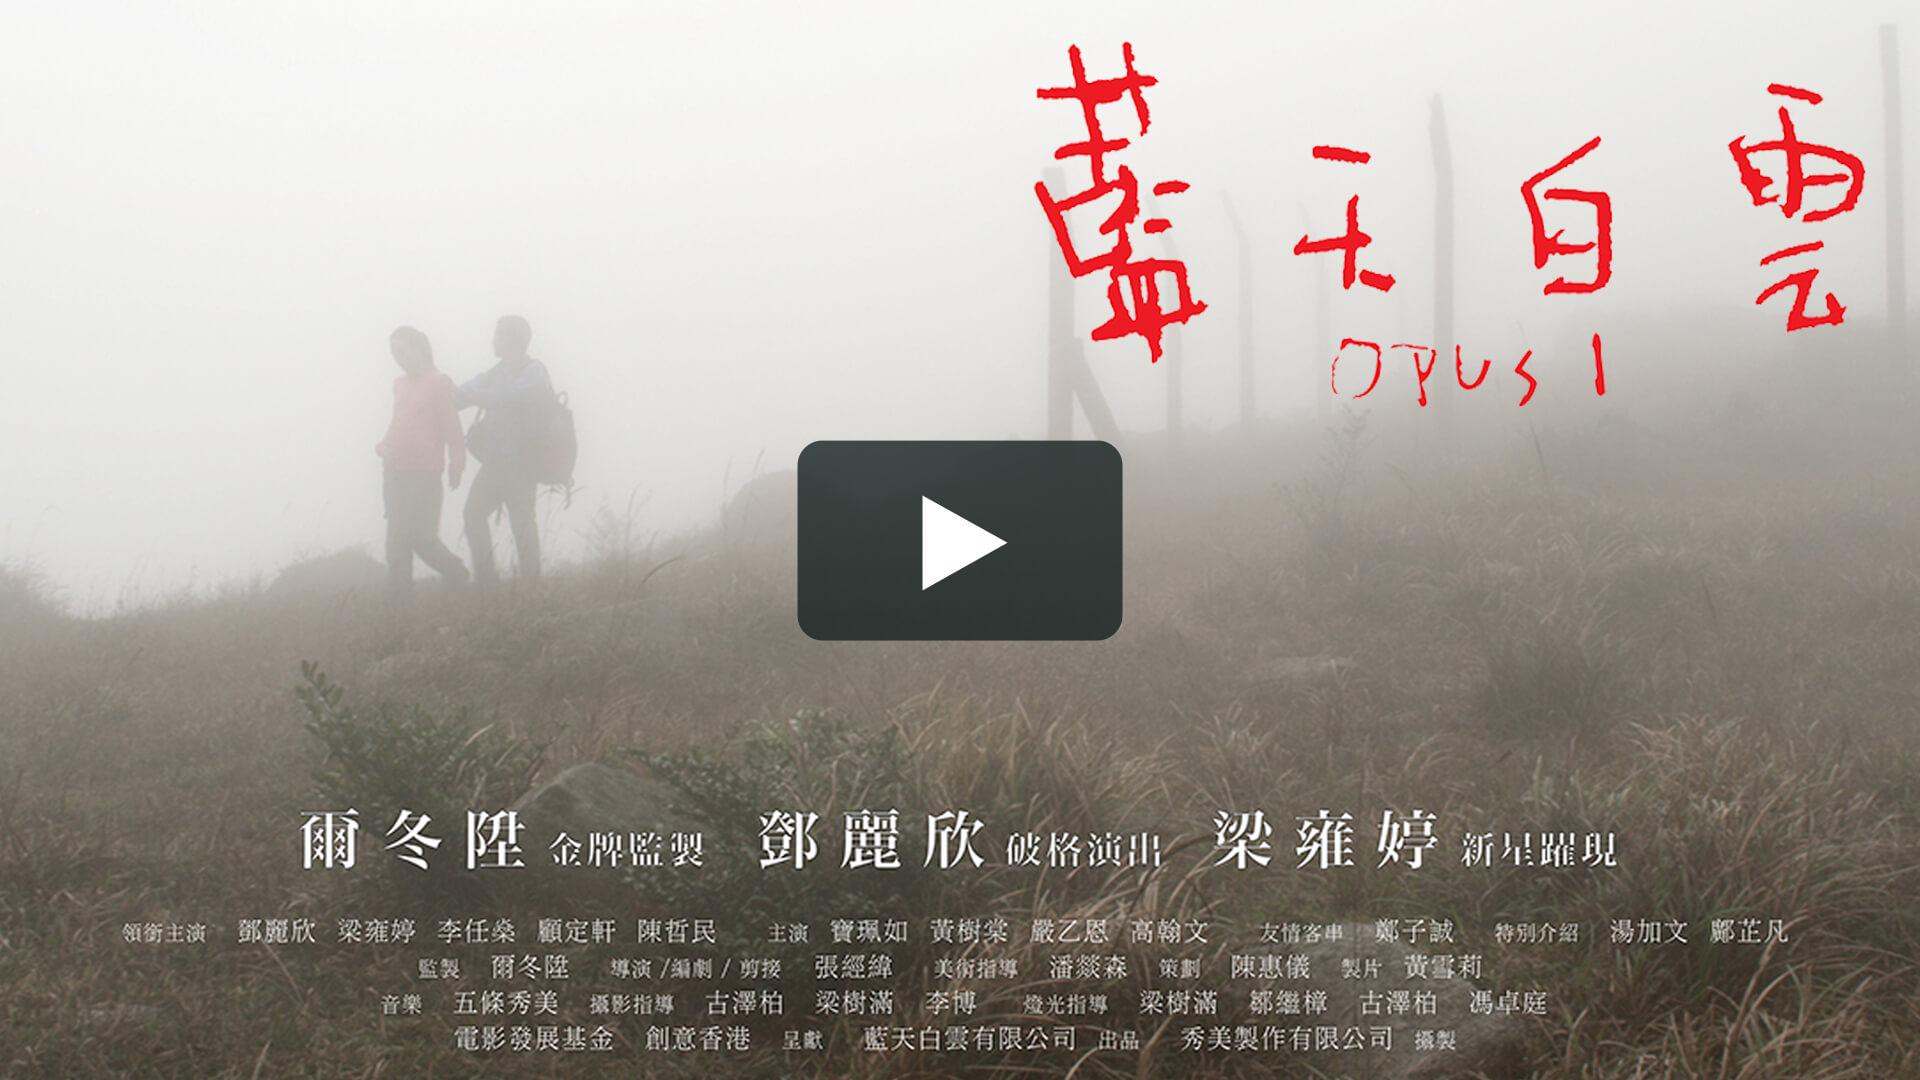 藍天白雲 - Somewhere Beyond The Mist